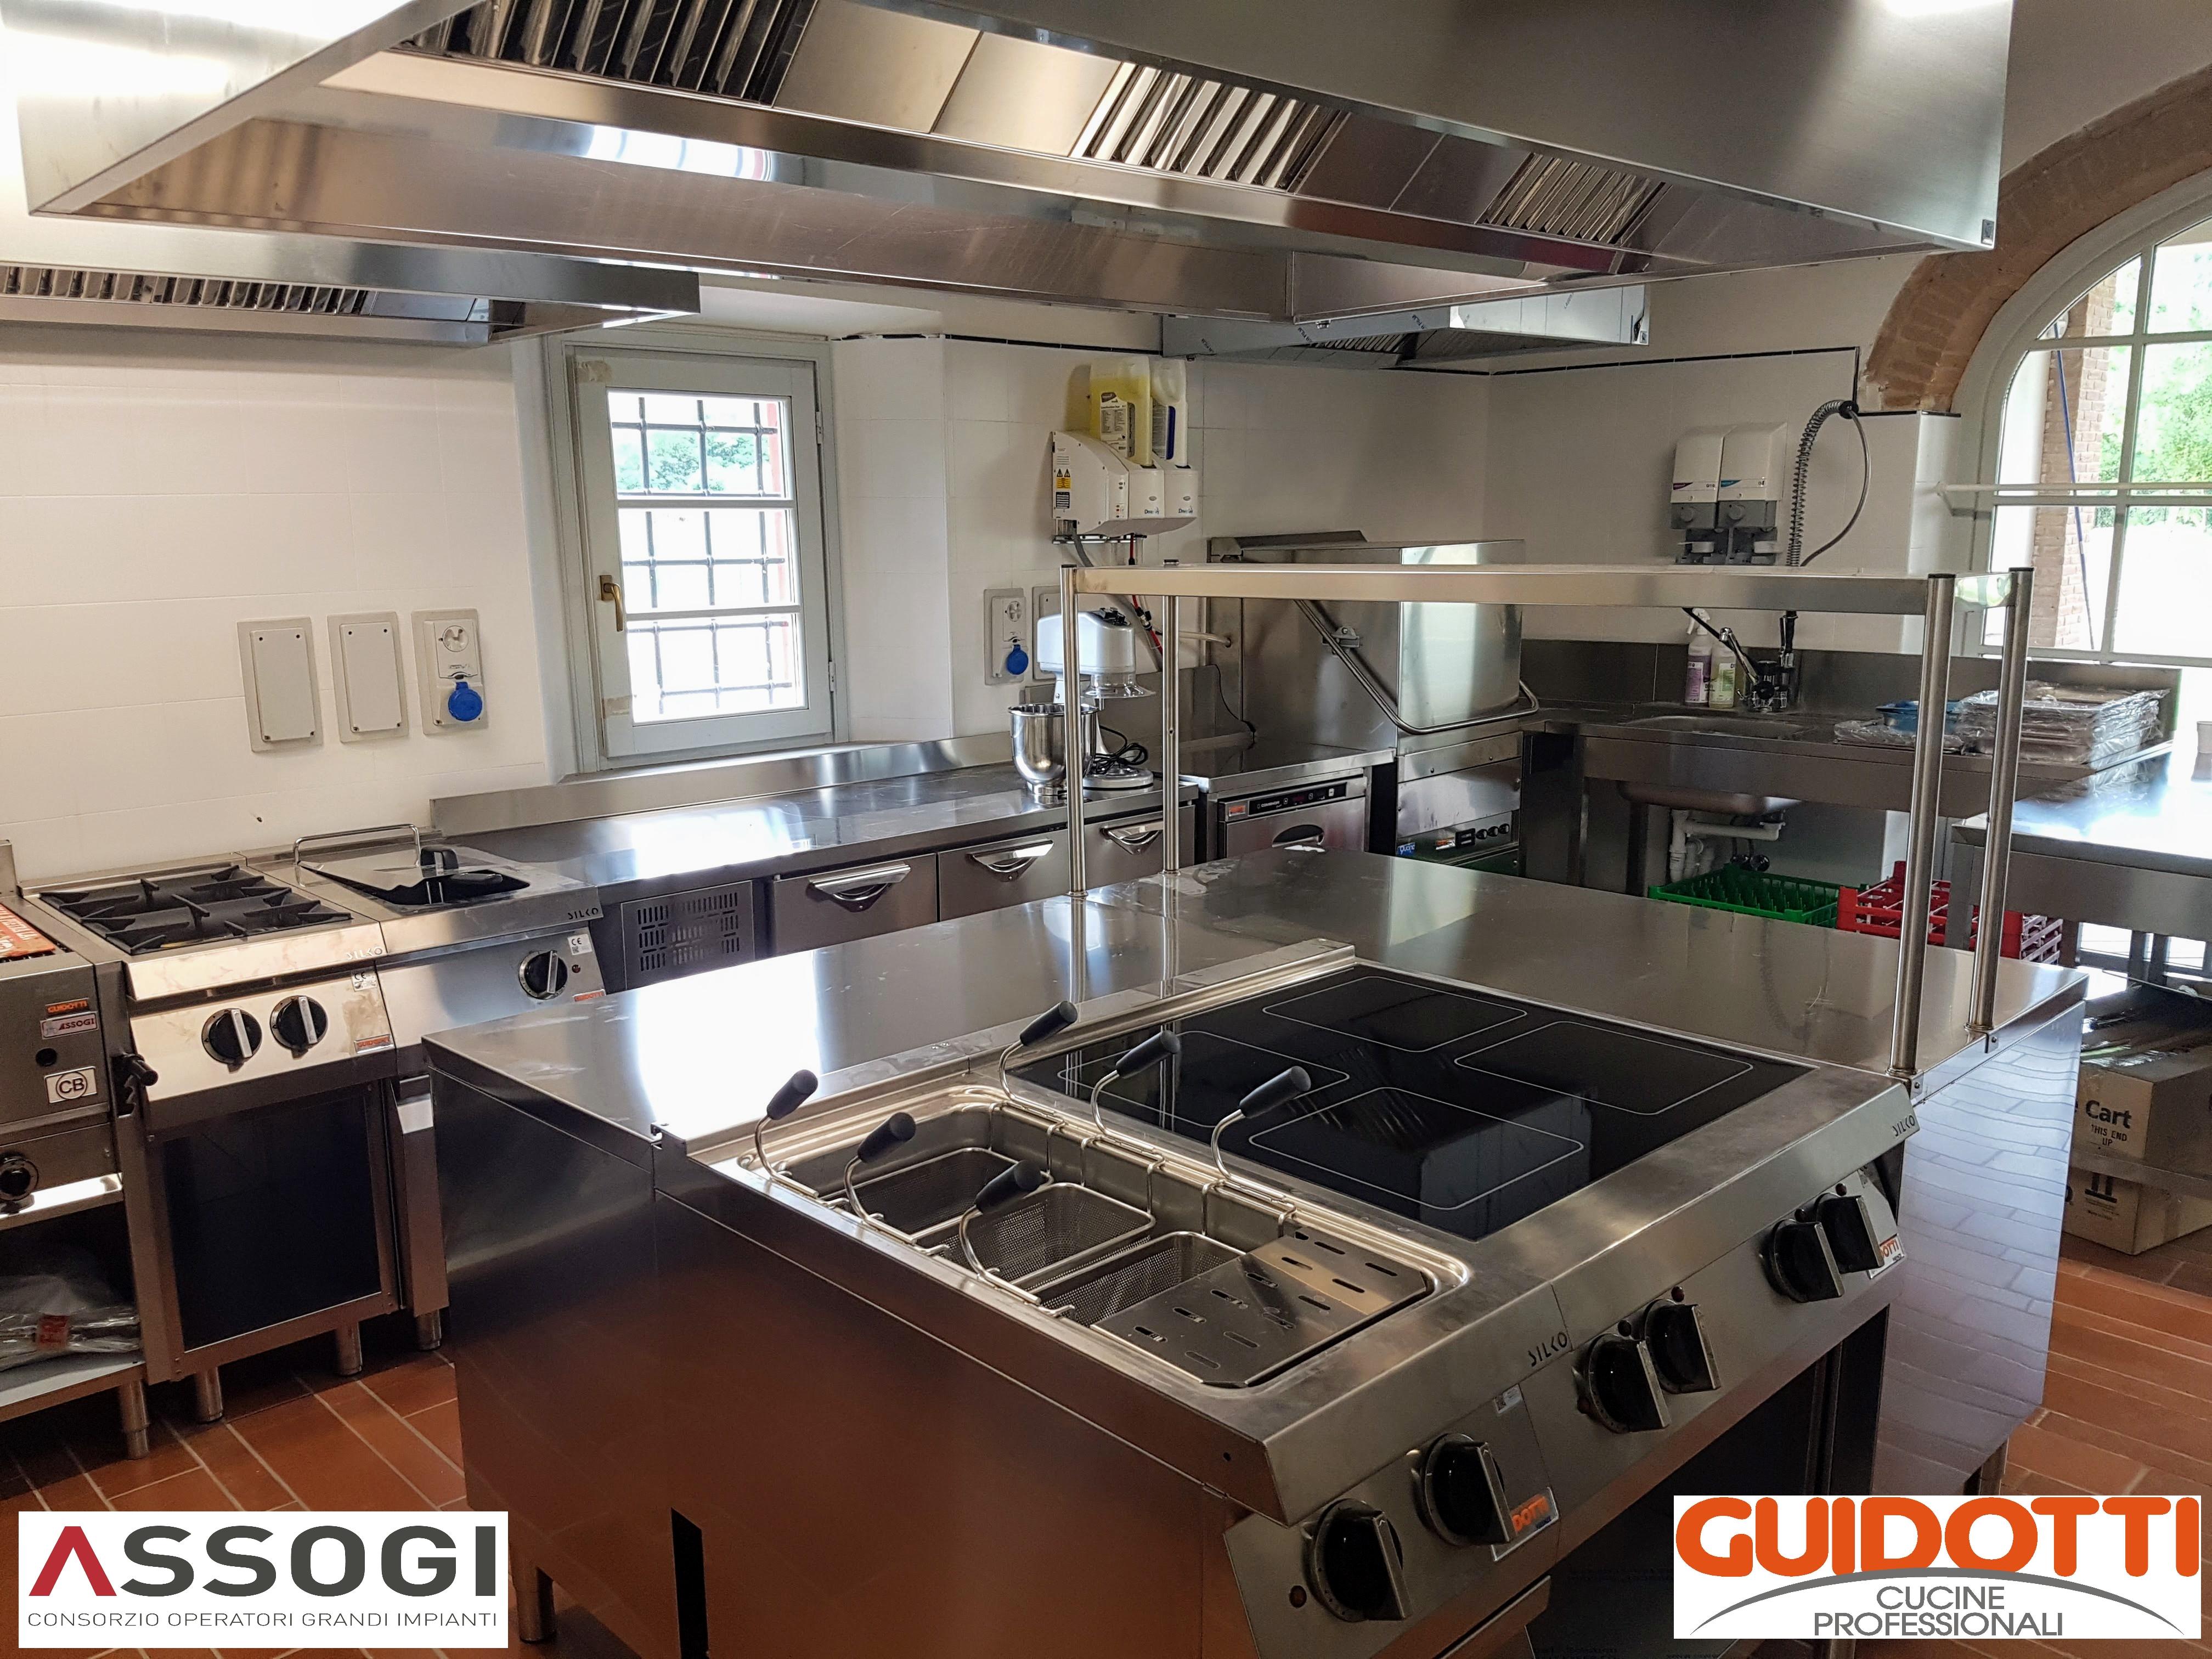 Cucine Per Ristorazione Usate.Guidotti Cucine Professionali Srl Cucine Professionali Firenze